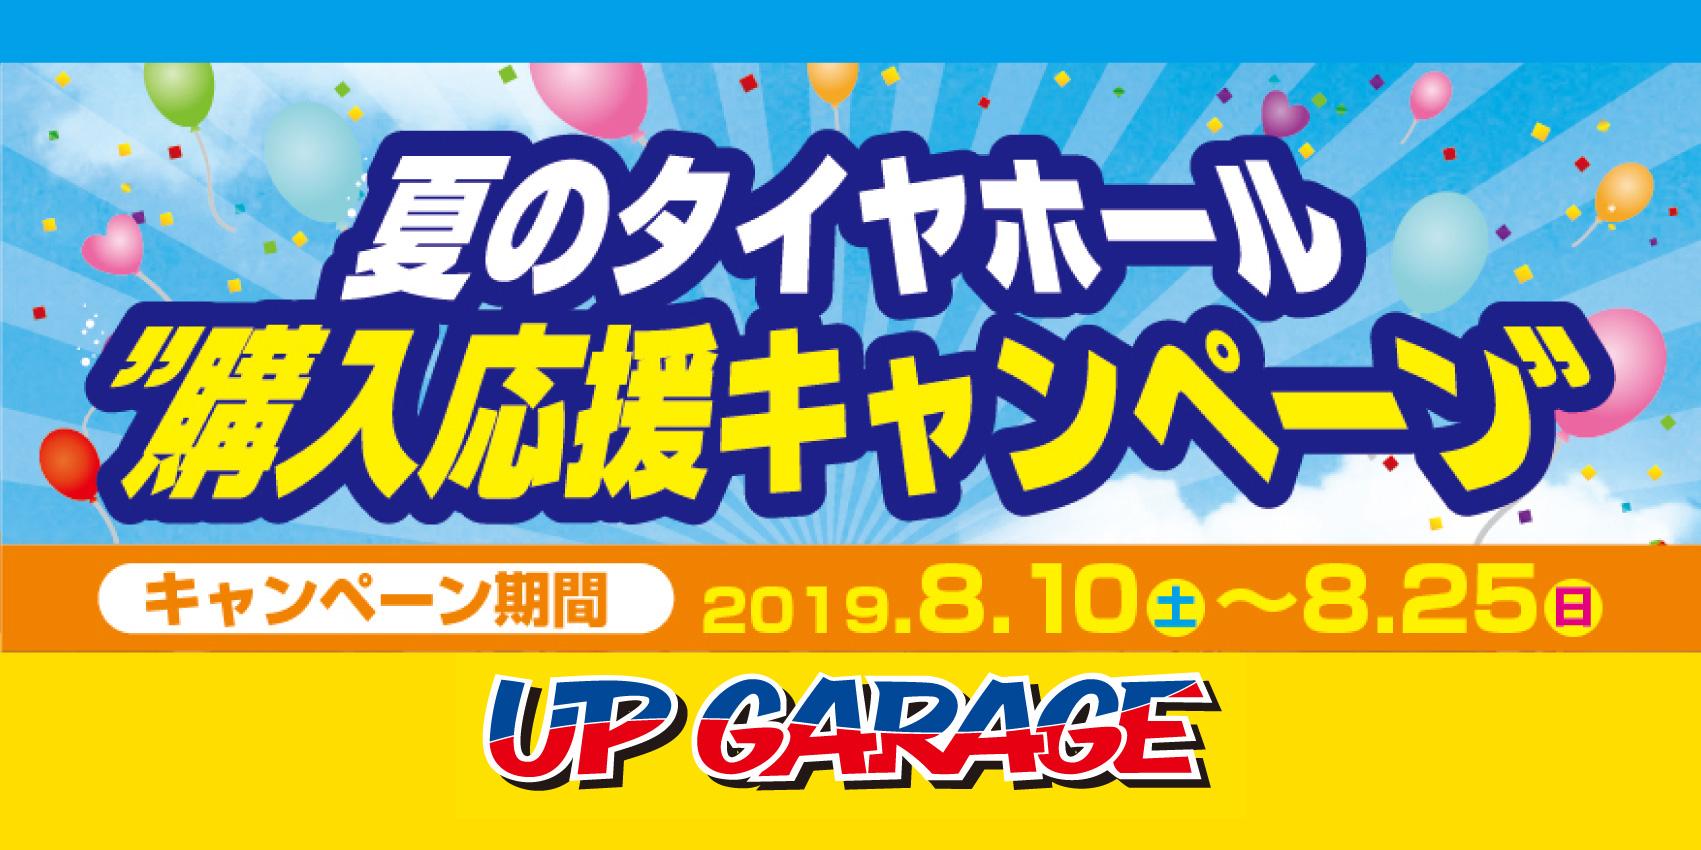 【長崎佐世保店】夏のタイヤホイール購入応援キャンペーン